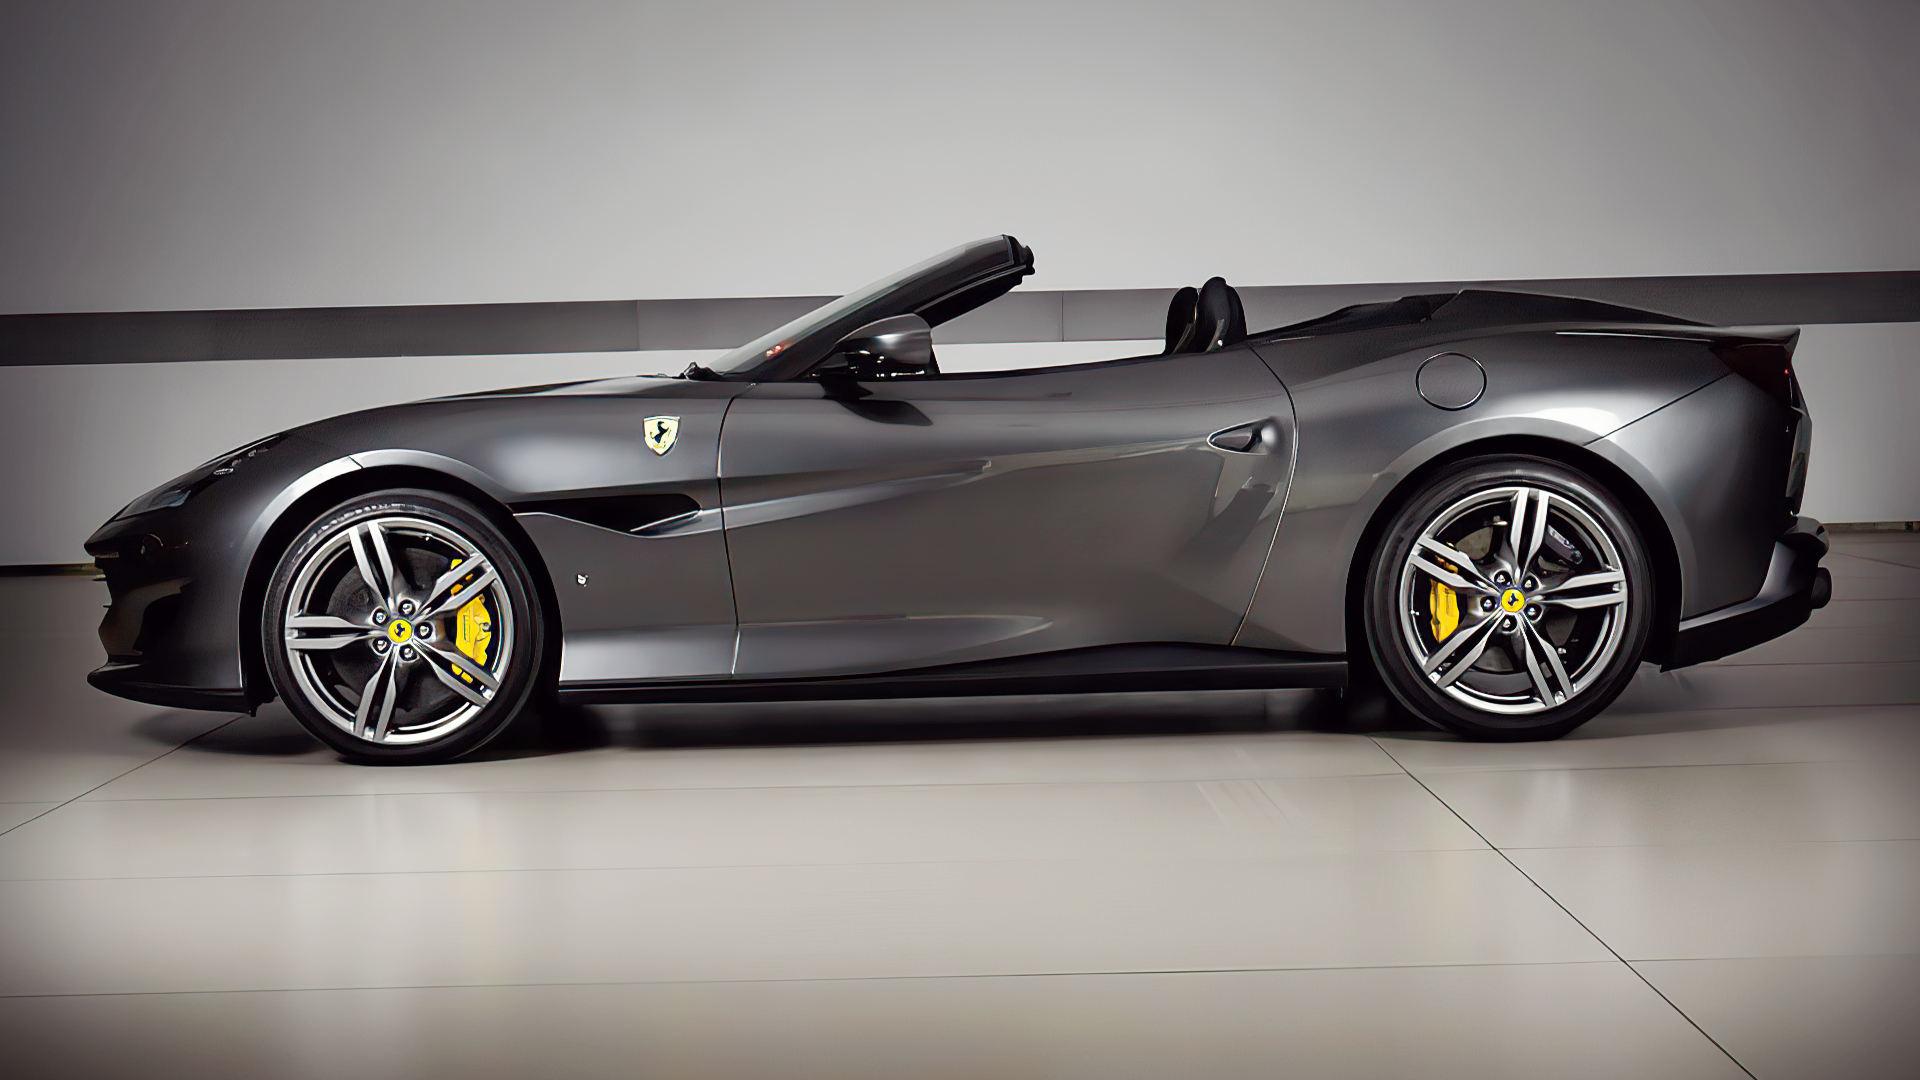 2019 Ferrari Portofino Black Wallpaper